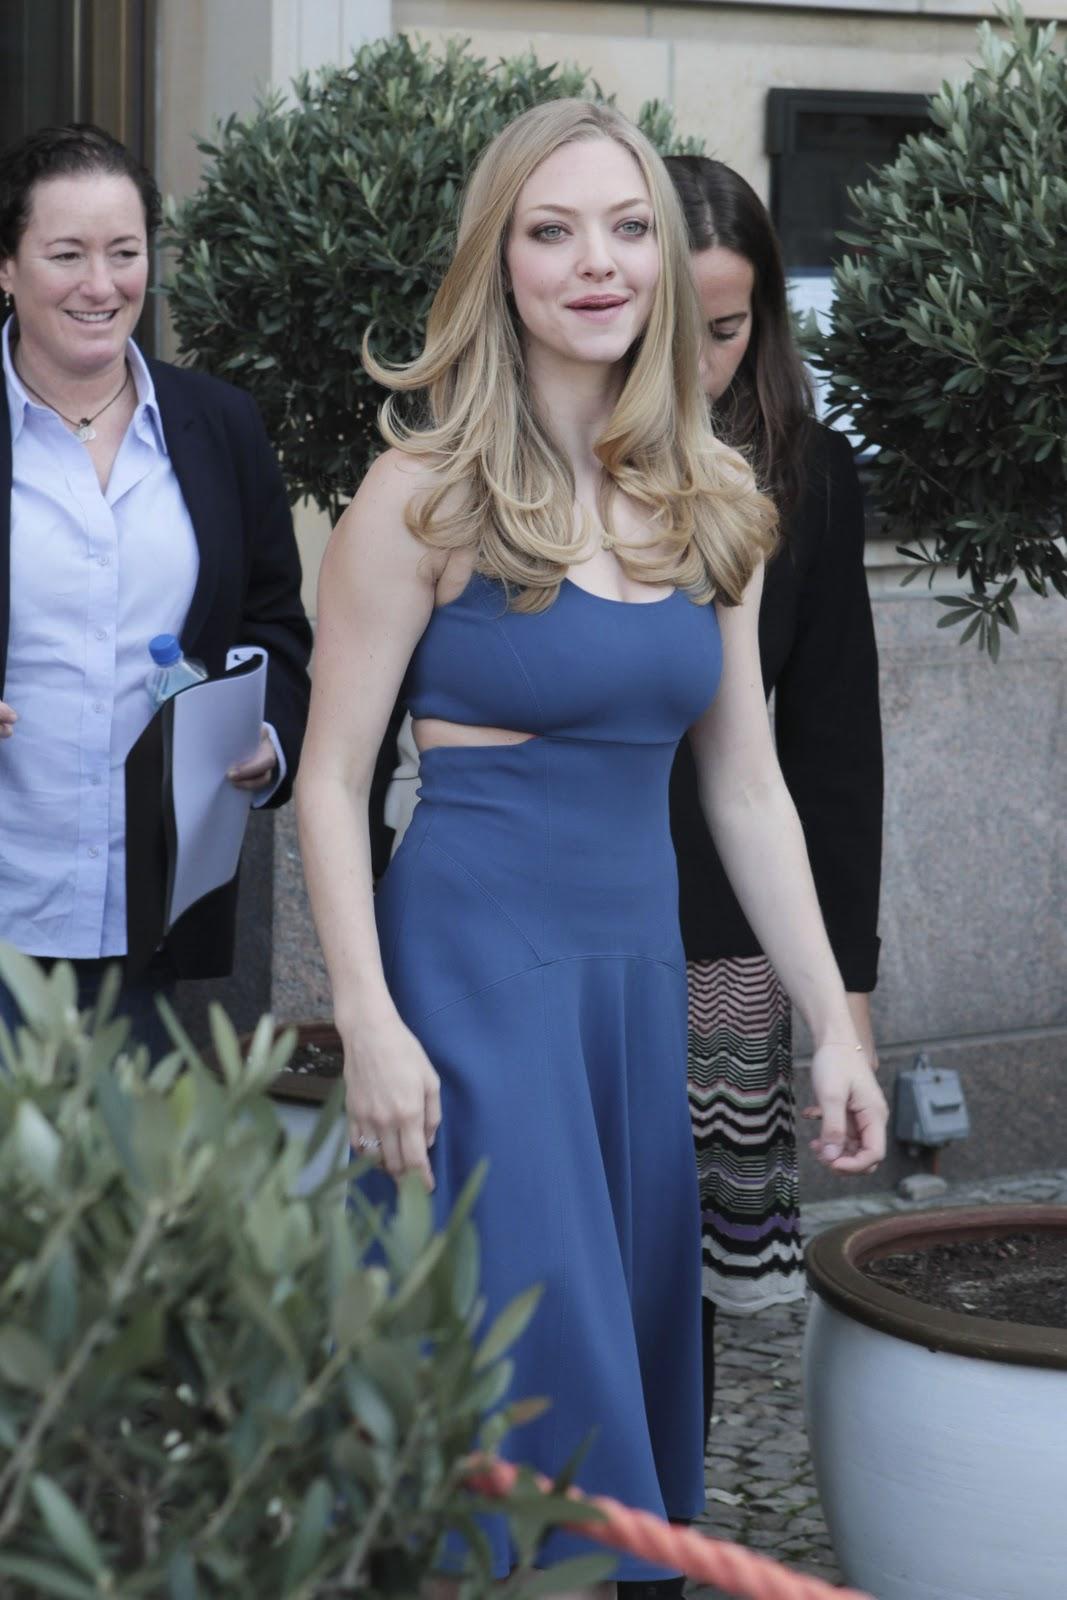 http://3.bp.blogspot.com/-Mz0gOUia3QQ/TtYuGv-UaFI/AAAAAAAAAHA/HfN1C1BZO_c/s1600/amanda-seyfried+blue+dress+%25281%2529.jpg